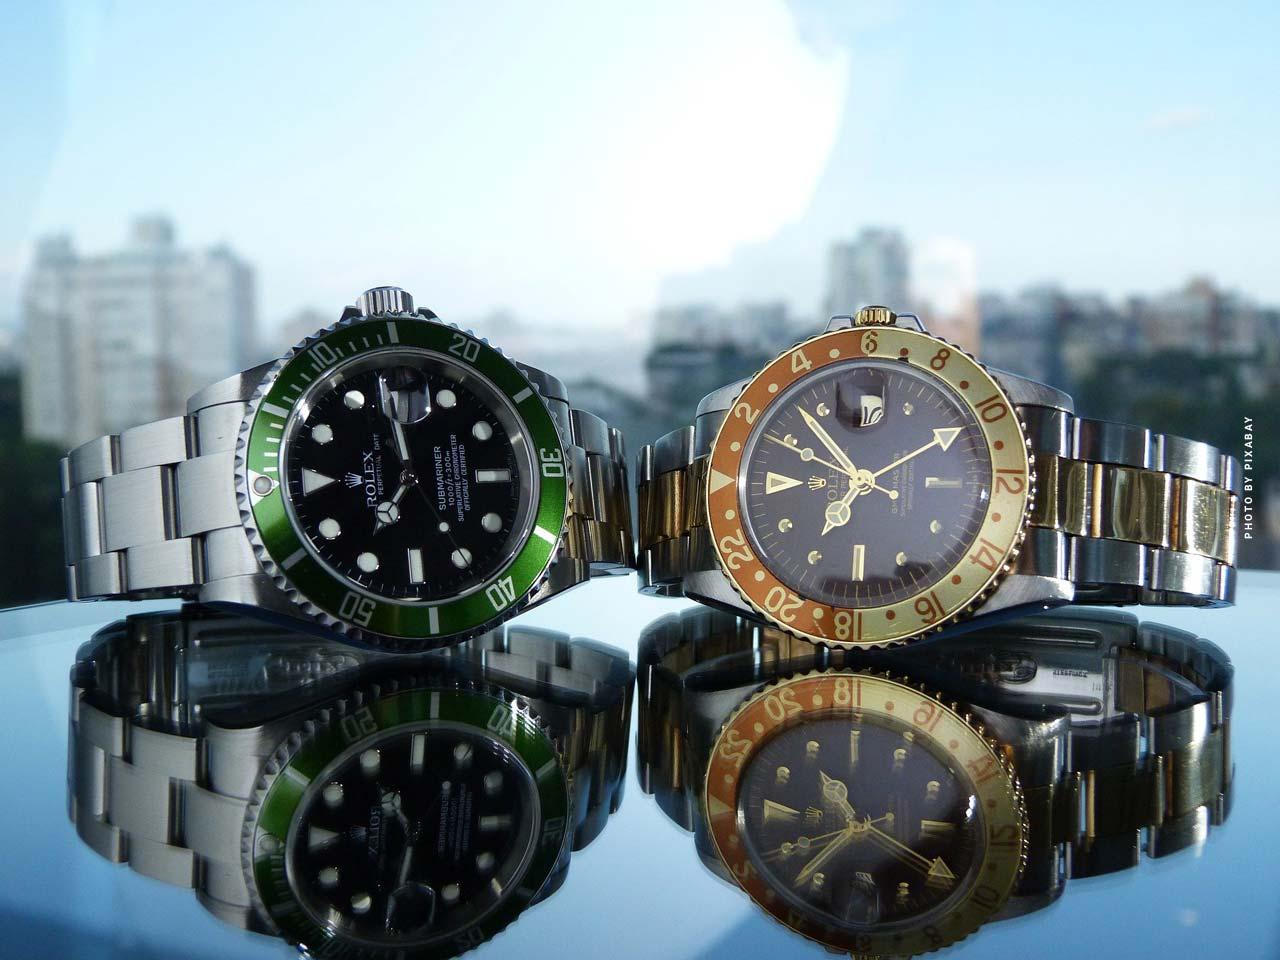 Die teuerste Rolex Uhr: Preis & Modelle Daytona, Day Date, Submariner - Top10